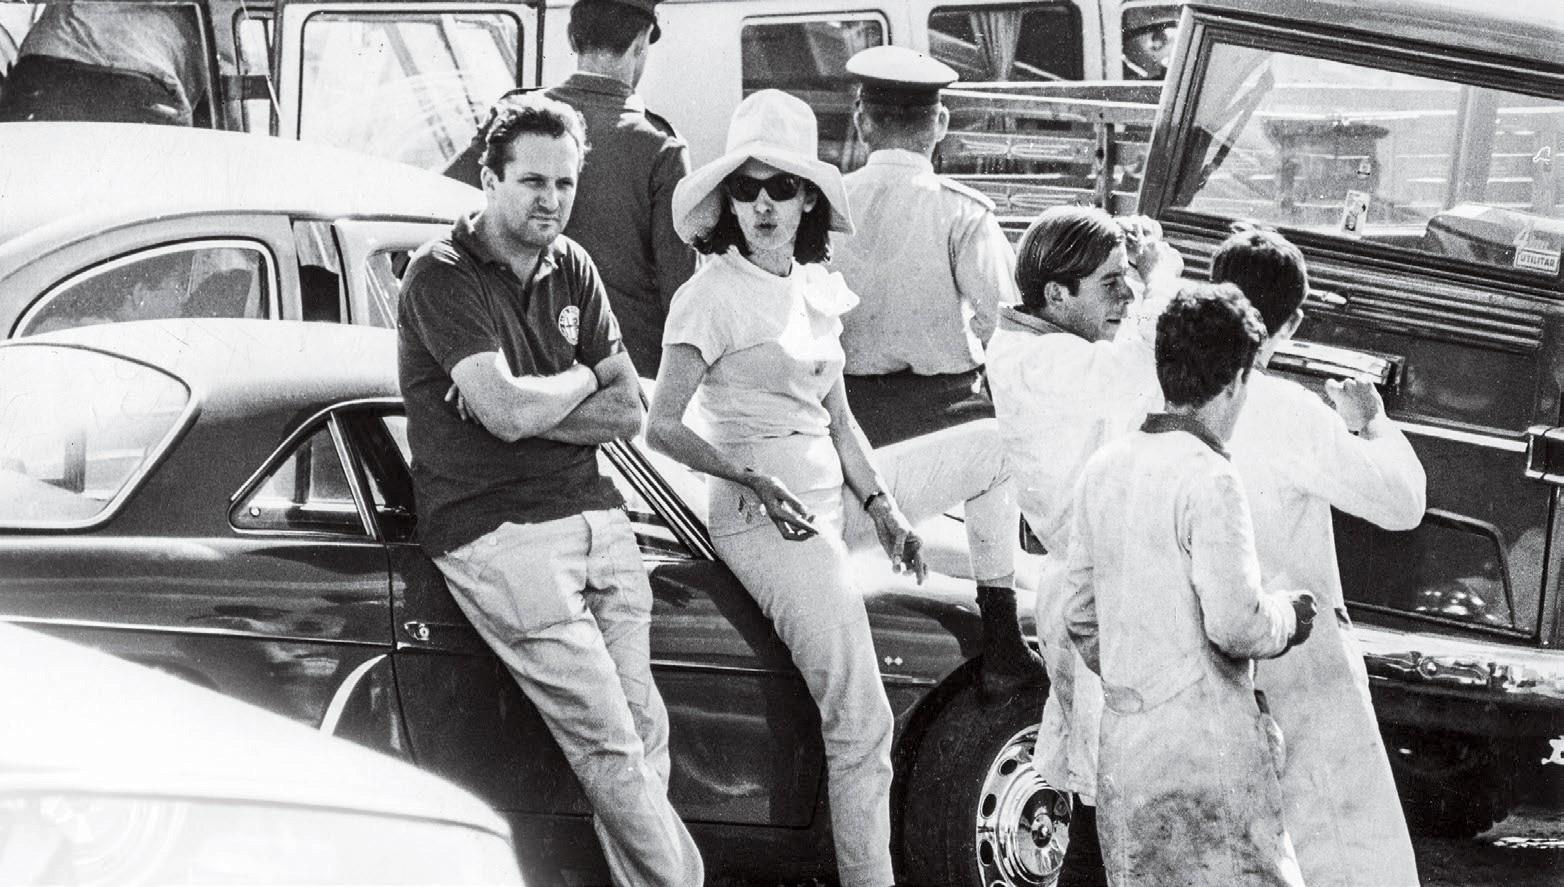 Lulla e seu marido, Piero Gancia, no circuito de Interlagos, em março de 1967 (Foto: Arquivo Pessoal e Estadão Conteúdo)